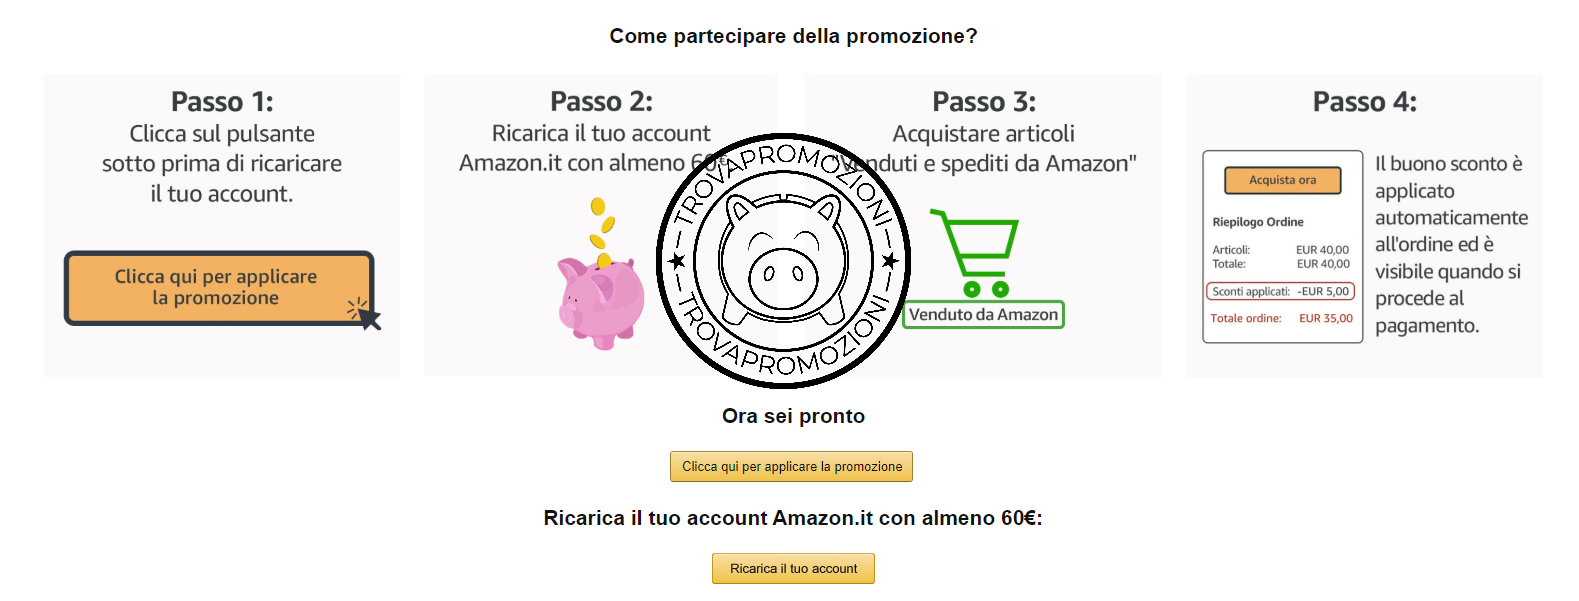 08152ddafc Ricarica il tuo account Amazon con 60€ e ricevi un buono sconto di 5 ...